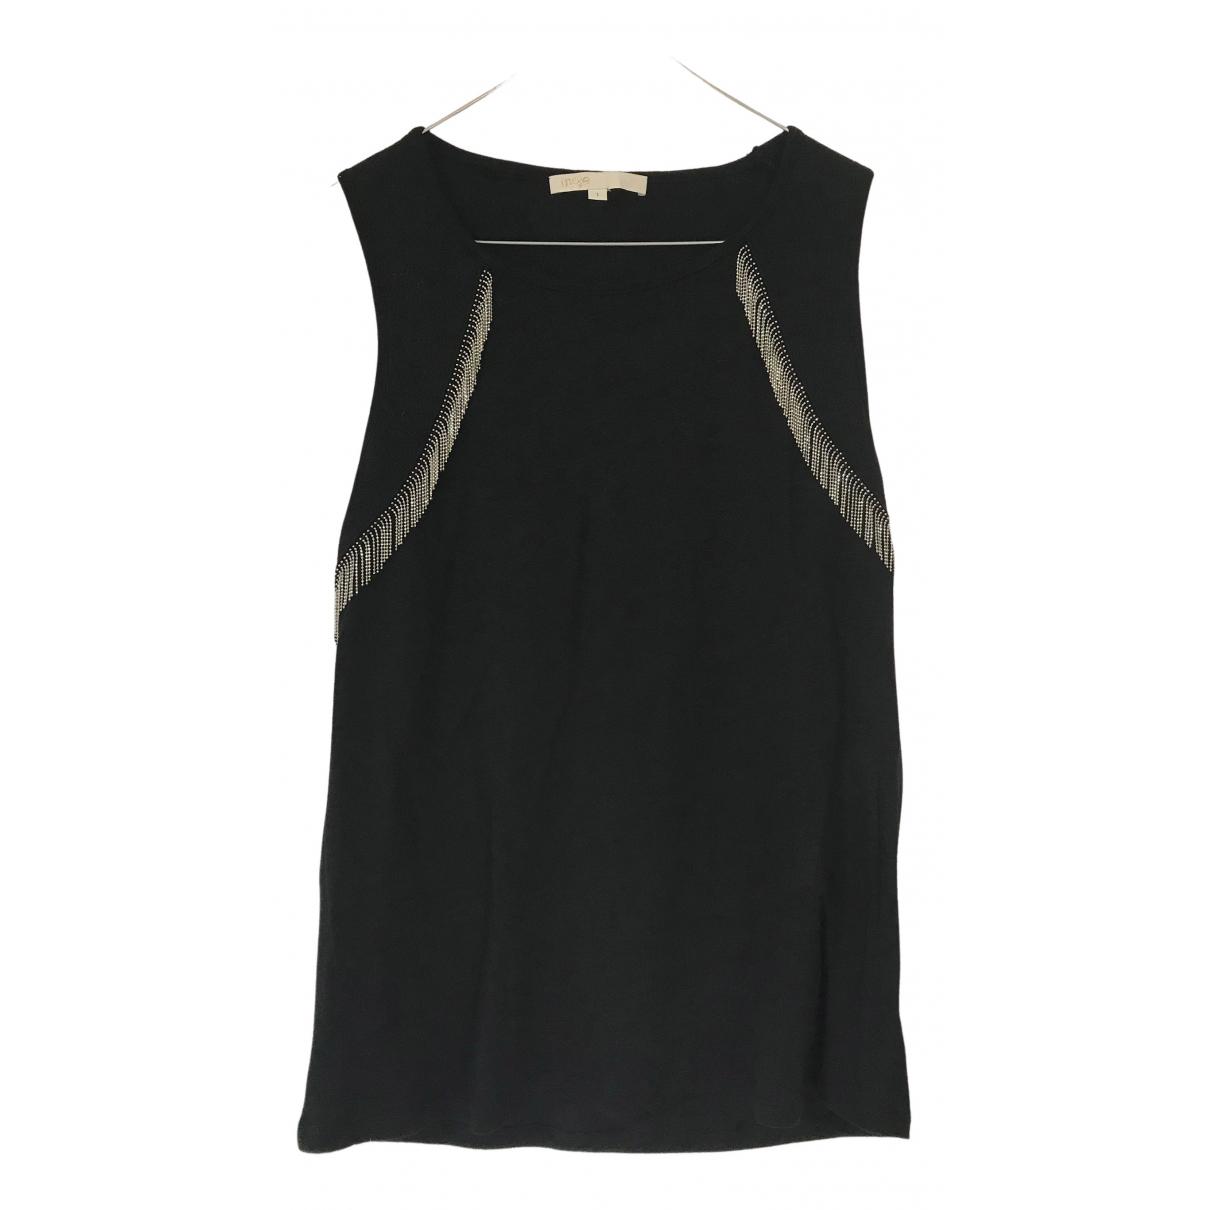 Maje - Top   pour femme en lin - noir